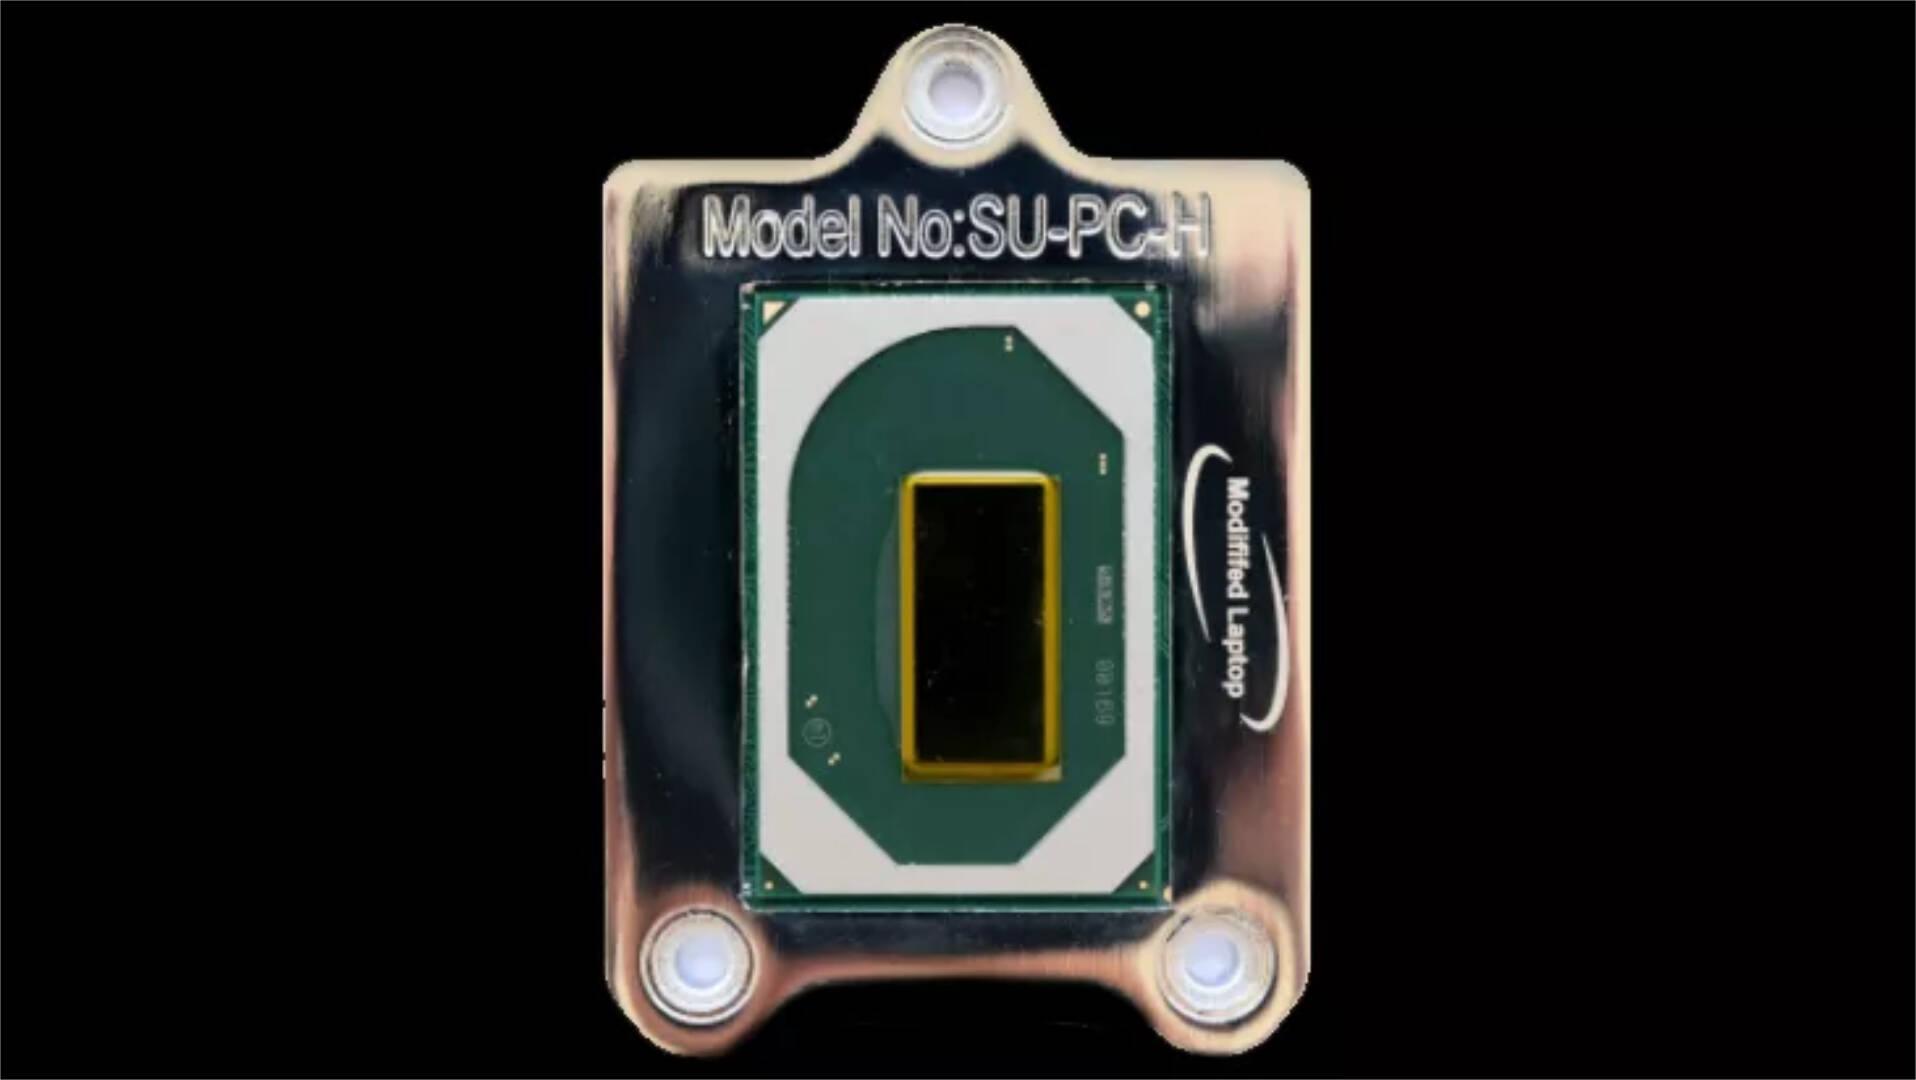 Intel Comet Lake Mobile LGA 1151